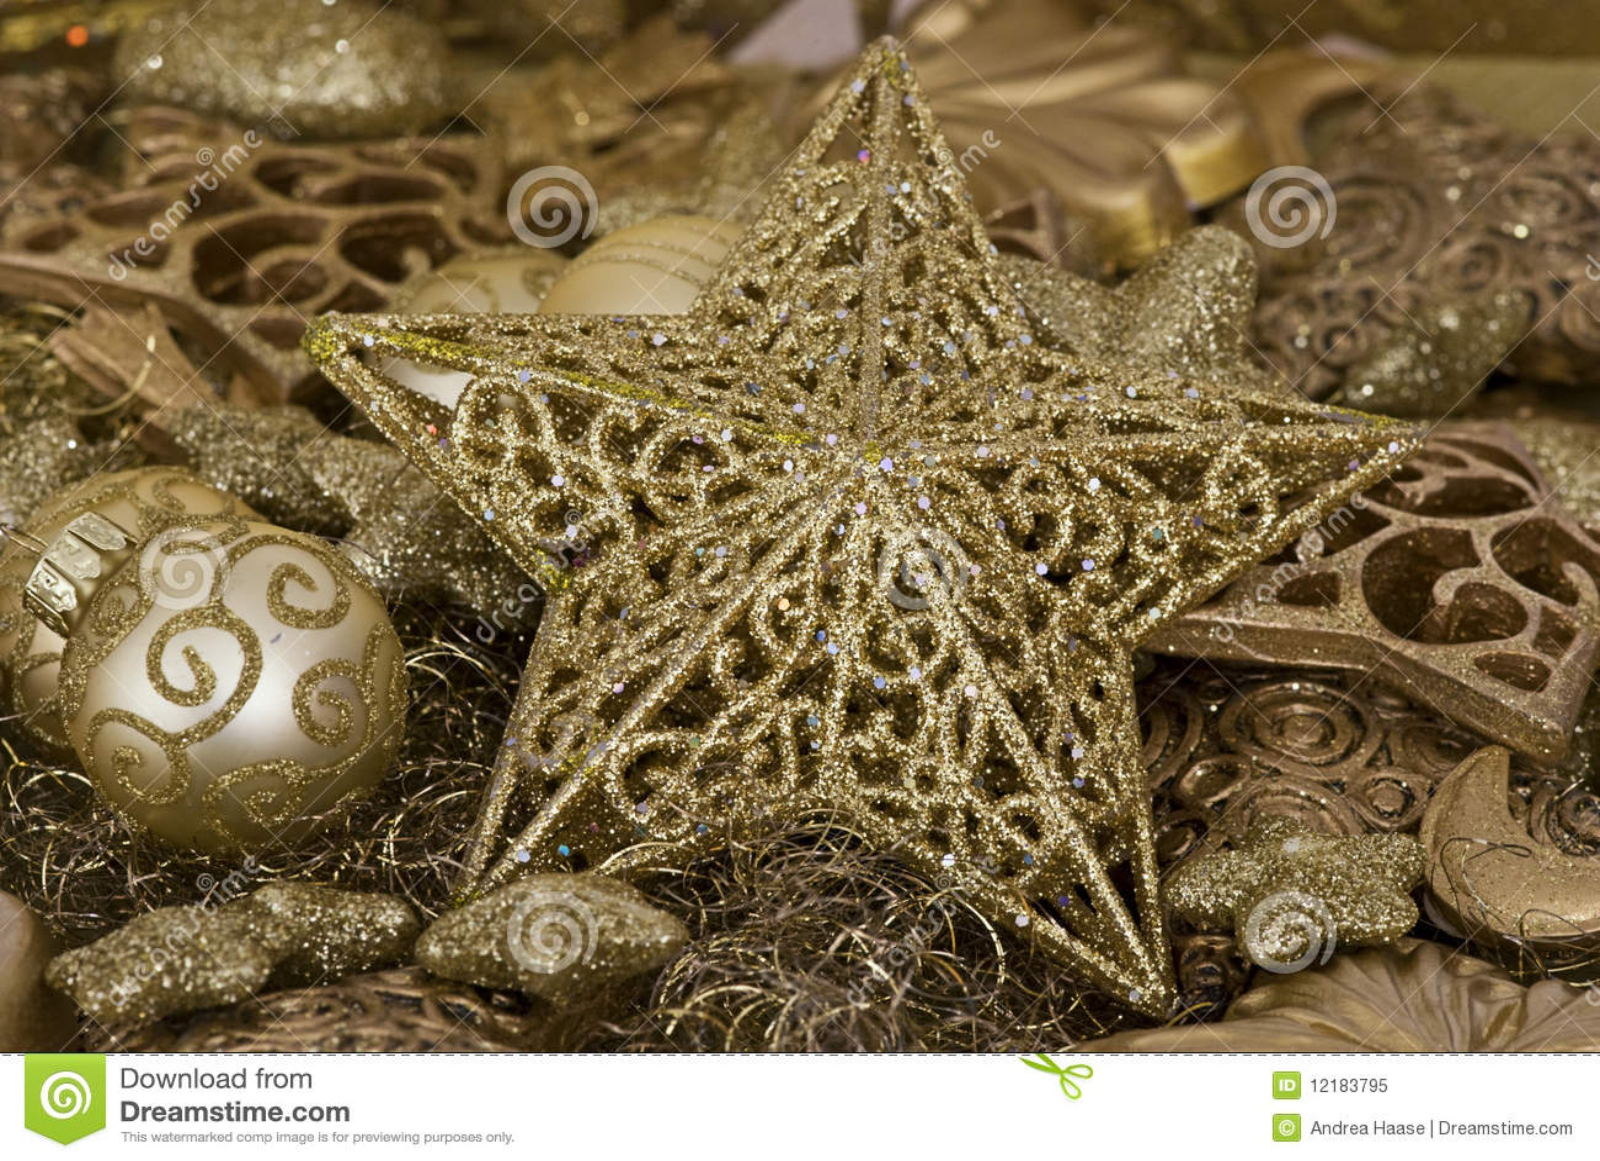 De decoratie van kerstmis royalty vrije stock foto afbeelding 12183795 - Foto van decoratie ...